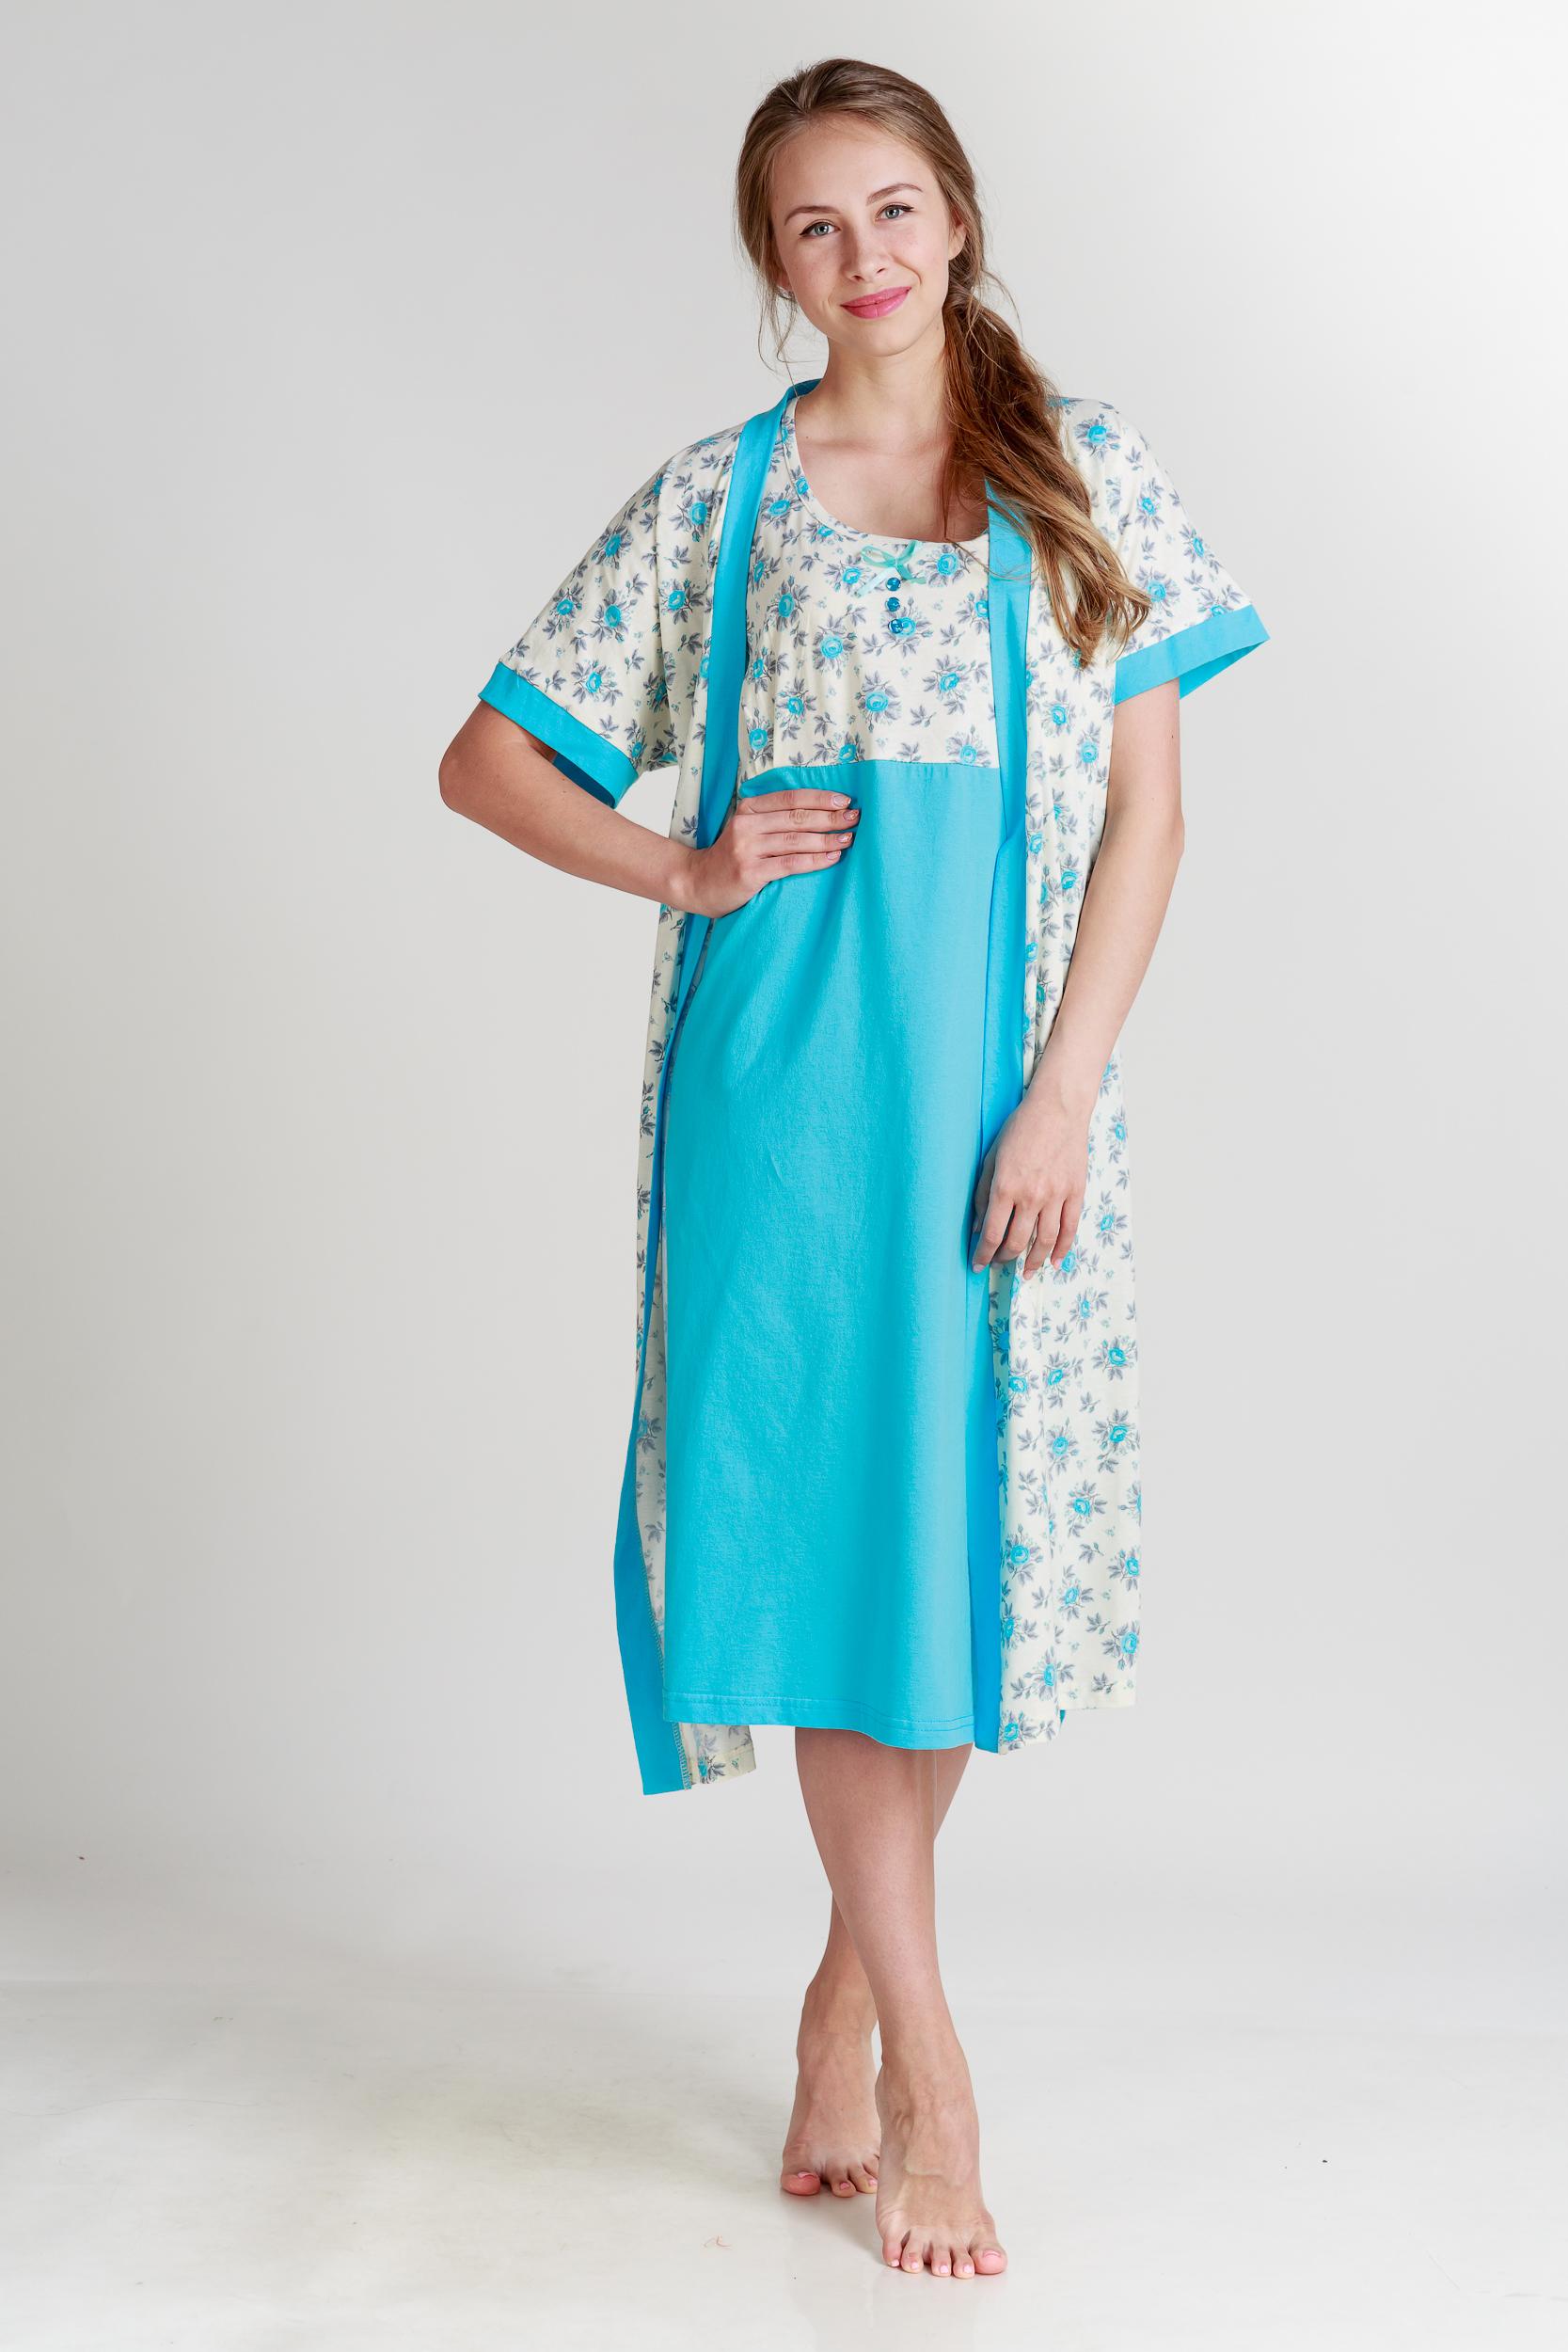 Домашние халаты Pastilla Халат и сорочка Ваниль Цвет: Голубой (xL) сорочка ночная для беременных и кормящих мамин дом мамин дом цвет голубой 24130 размер 48